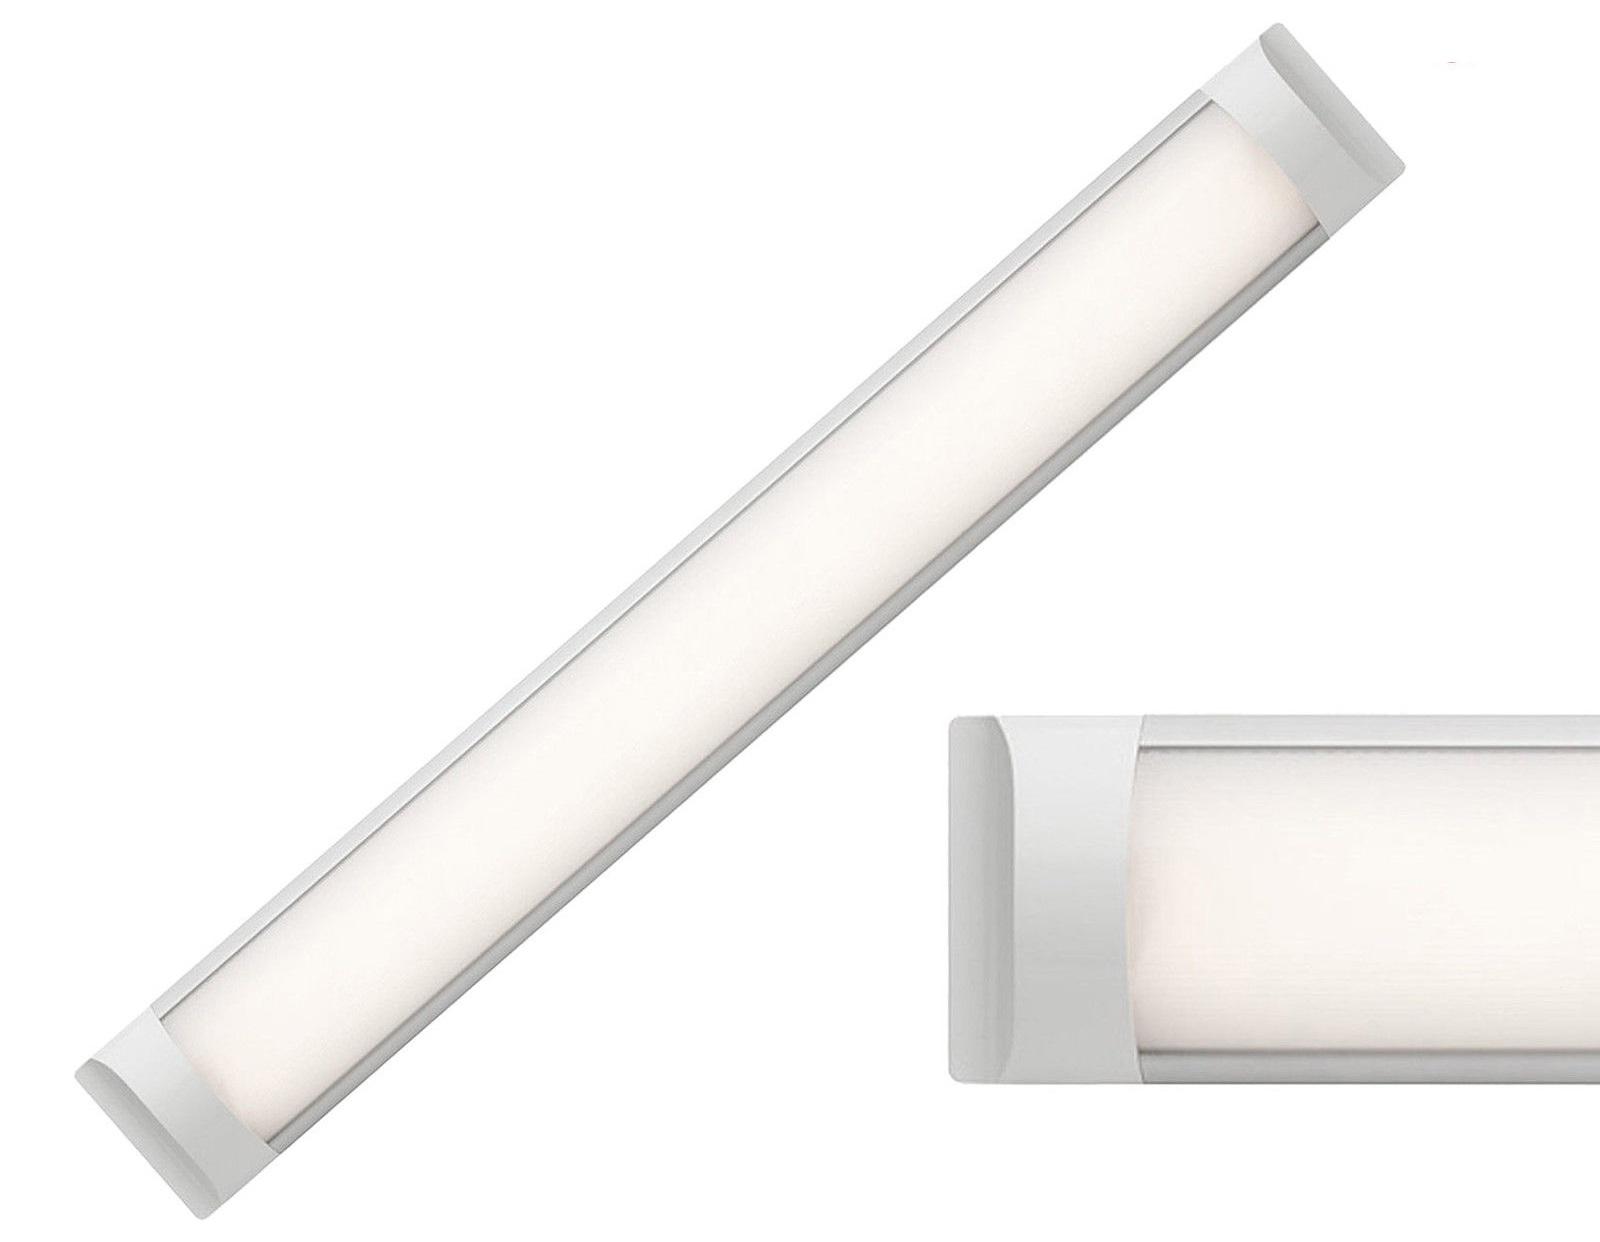 lampy ledowe przemysłowe allegro